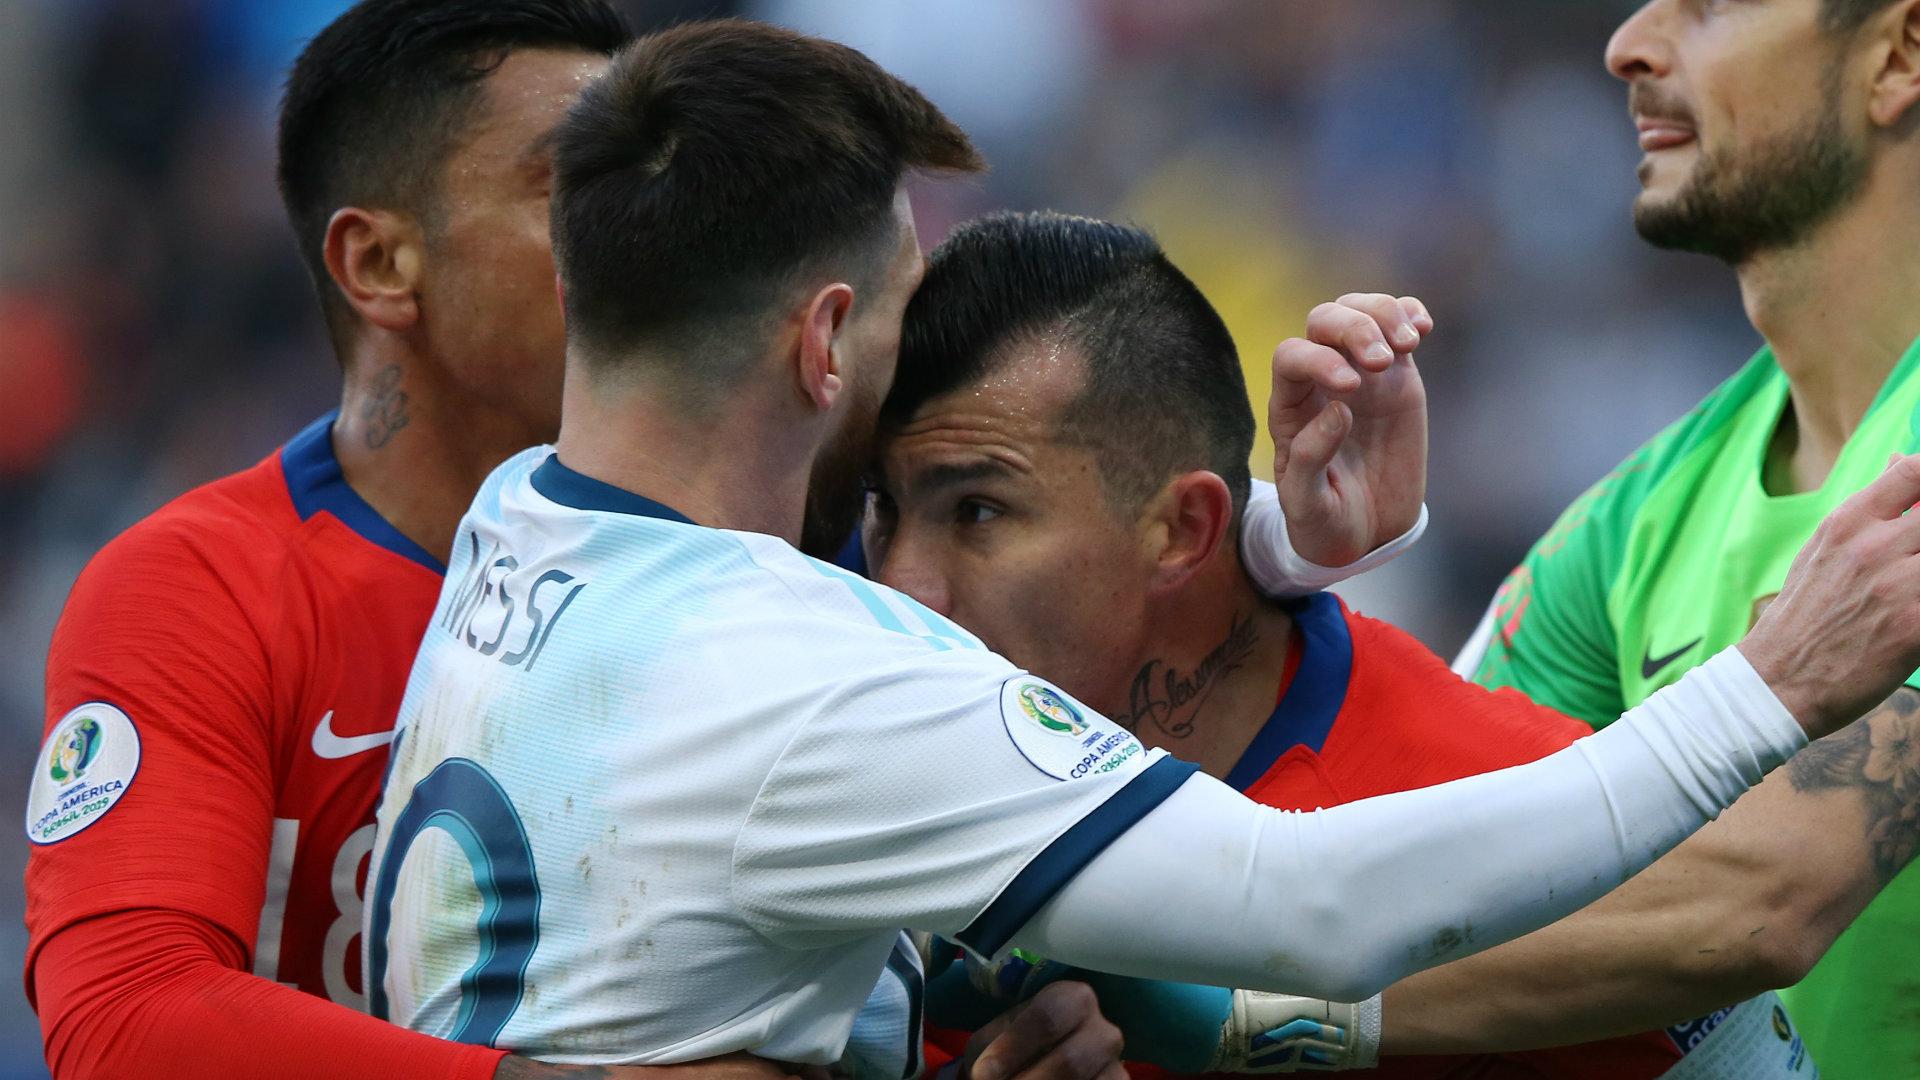 (VIDEO) ARGENTINCU JE OVO PRVI CRVENI KARTON U NEKOJ SLUŽBENOJ UTAKMICI! Messi i Medel dobili crvene kartone nakon koškanja…